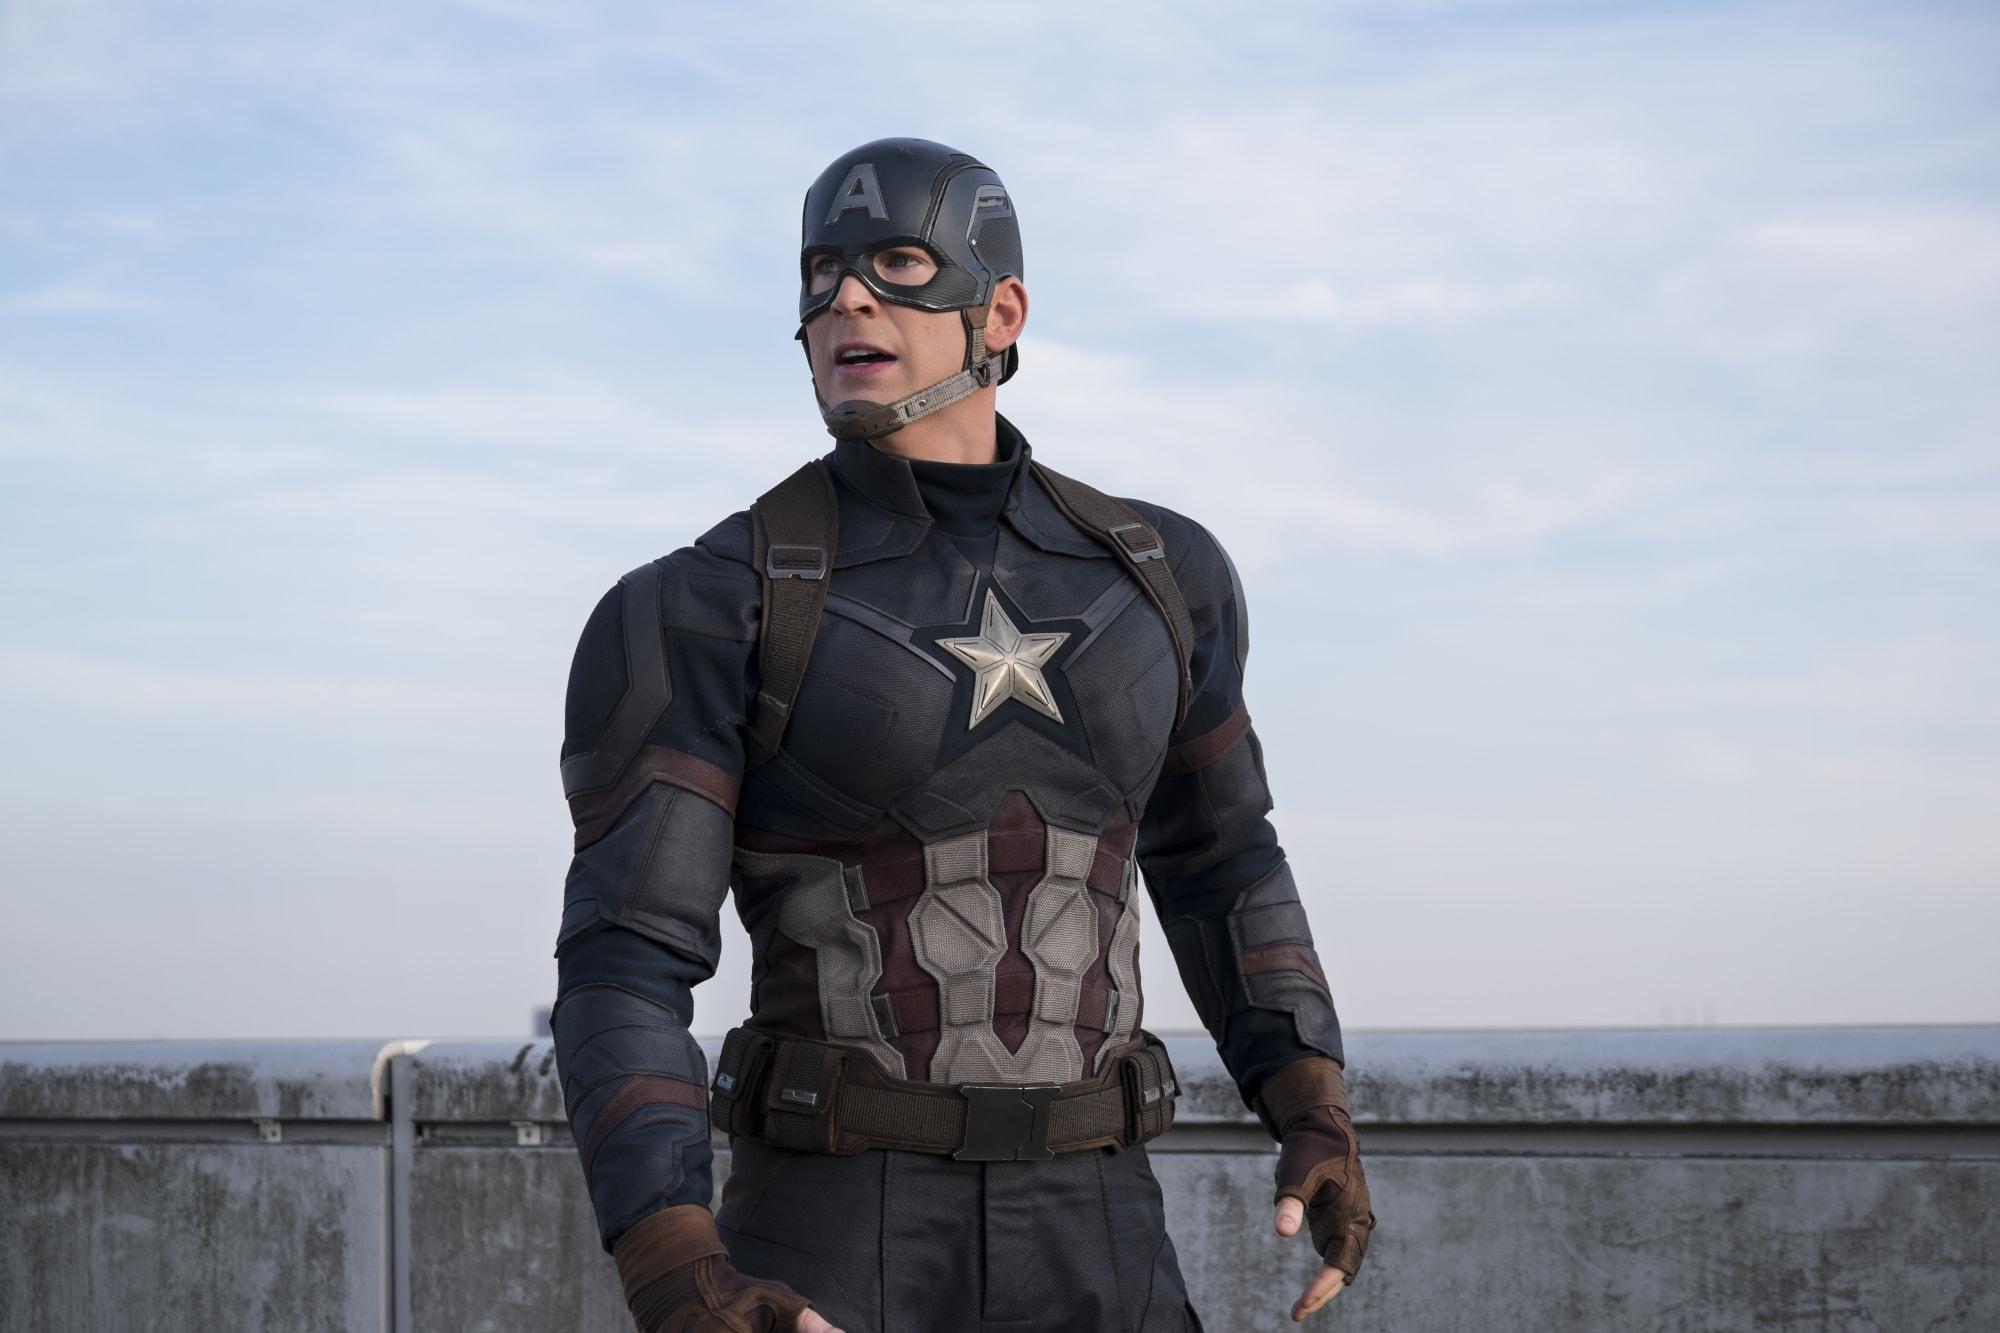 Chris Evans returns as Captain America in stunning new Marvel poster